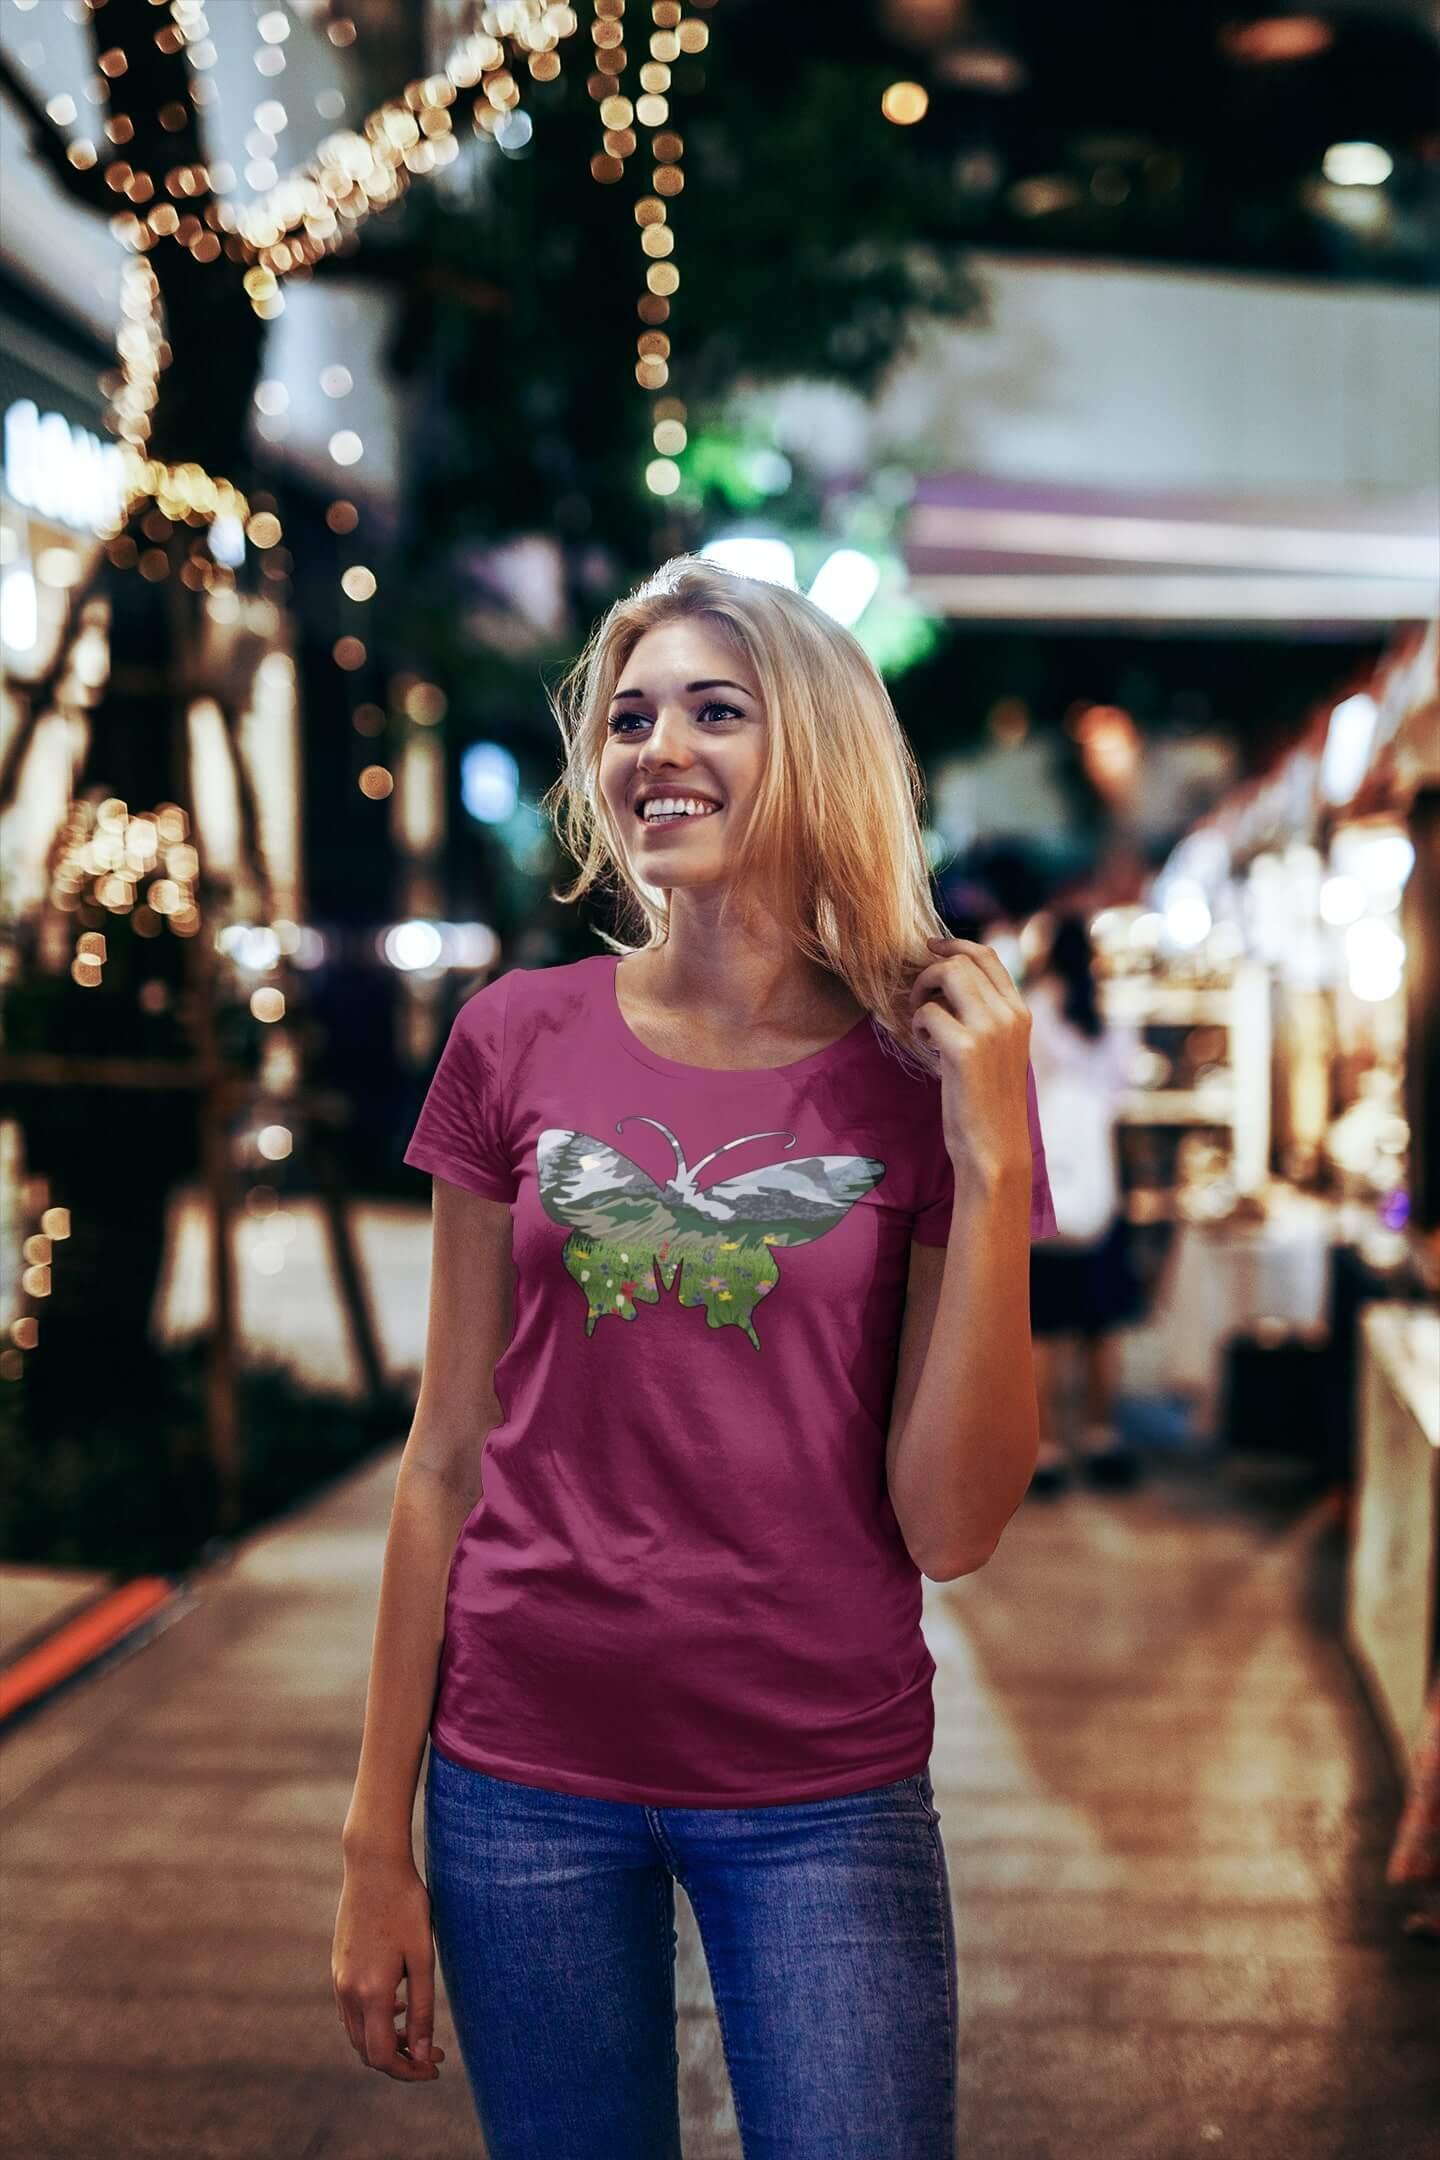 MMO Dámske tričko Motýľ Vyberte farbu: Fuchsiovo červená, Vyberte veľkosť: S